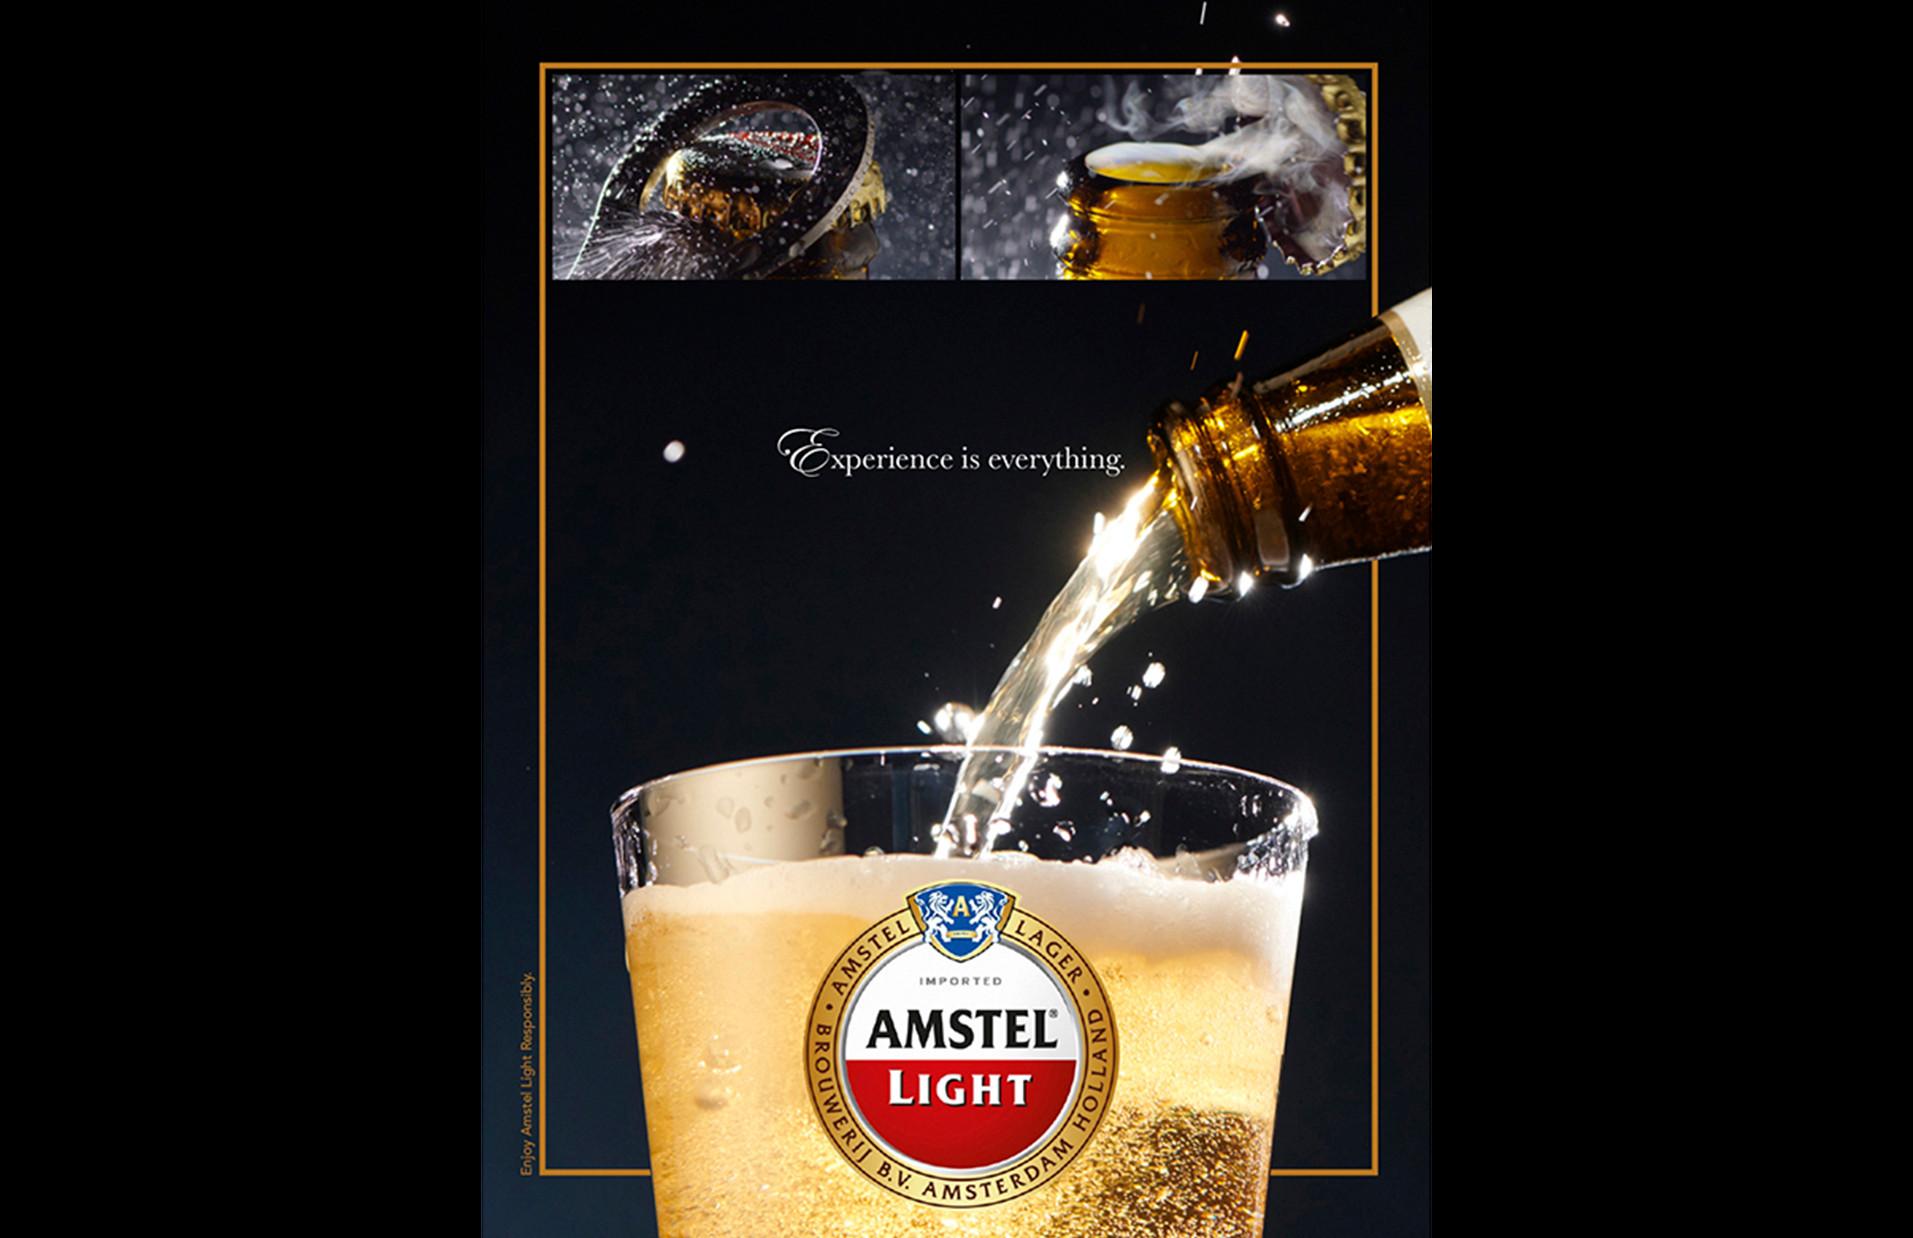 Amstel Light whole.jpg